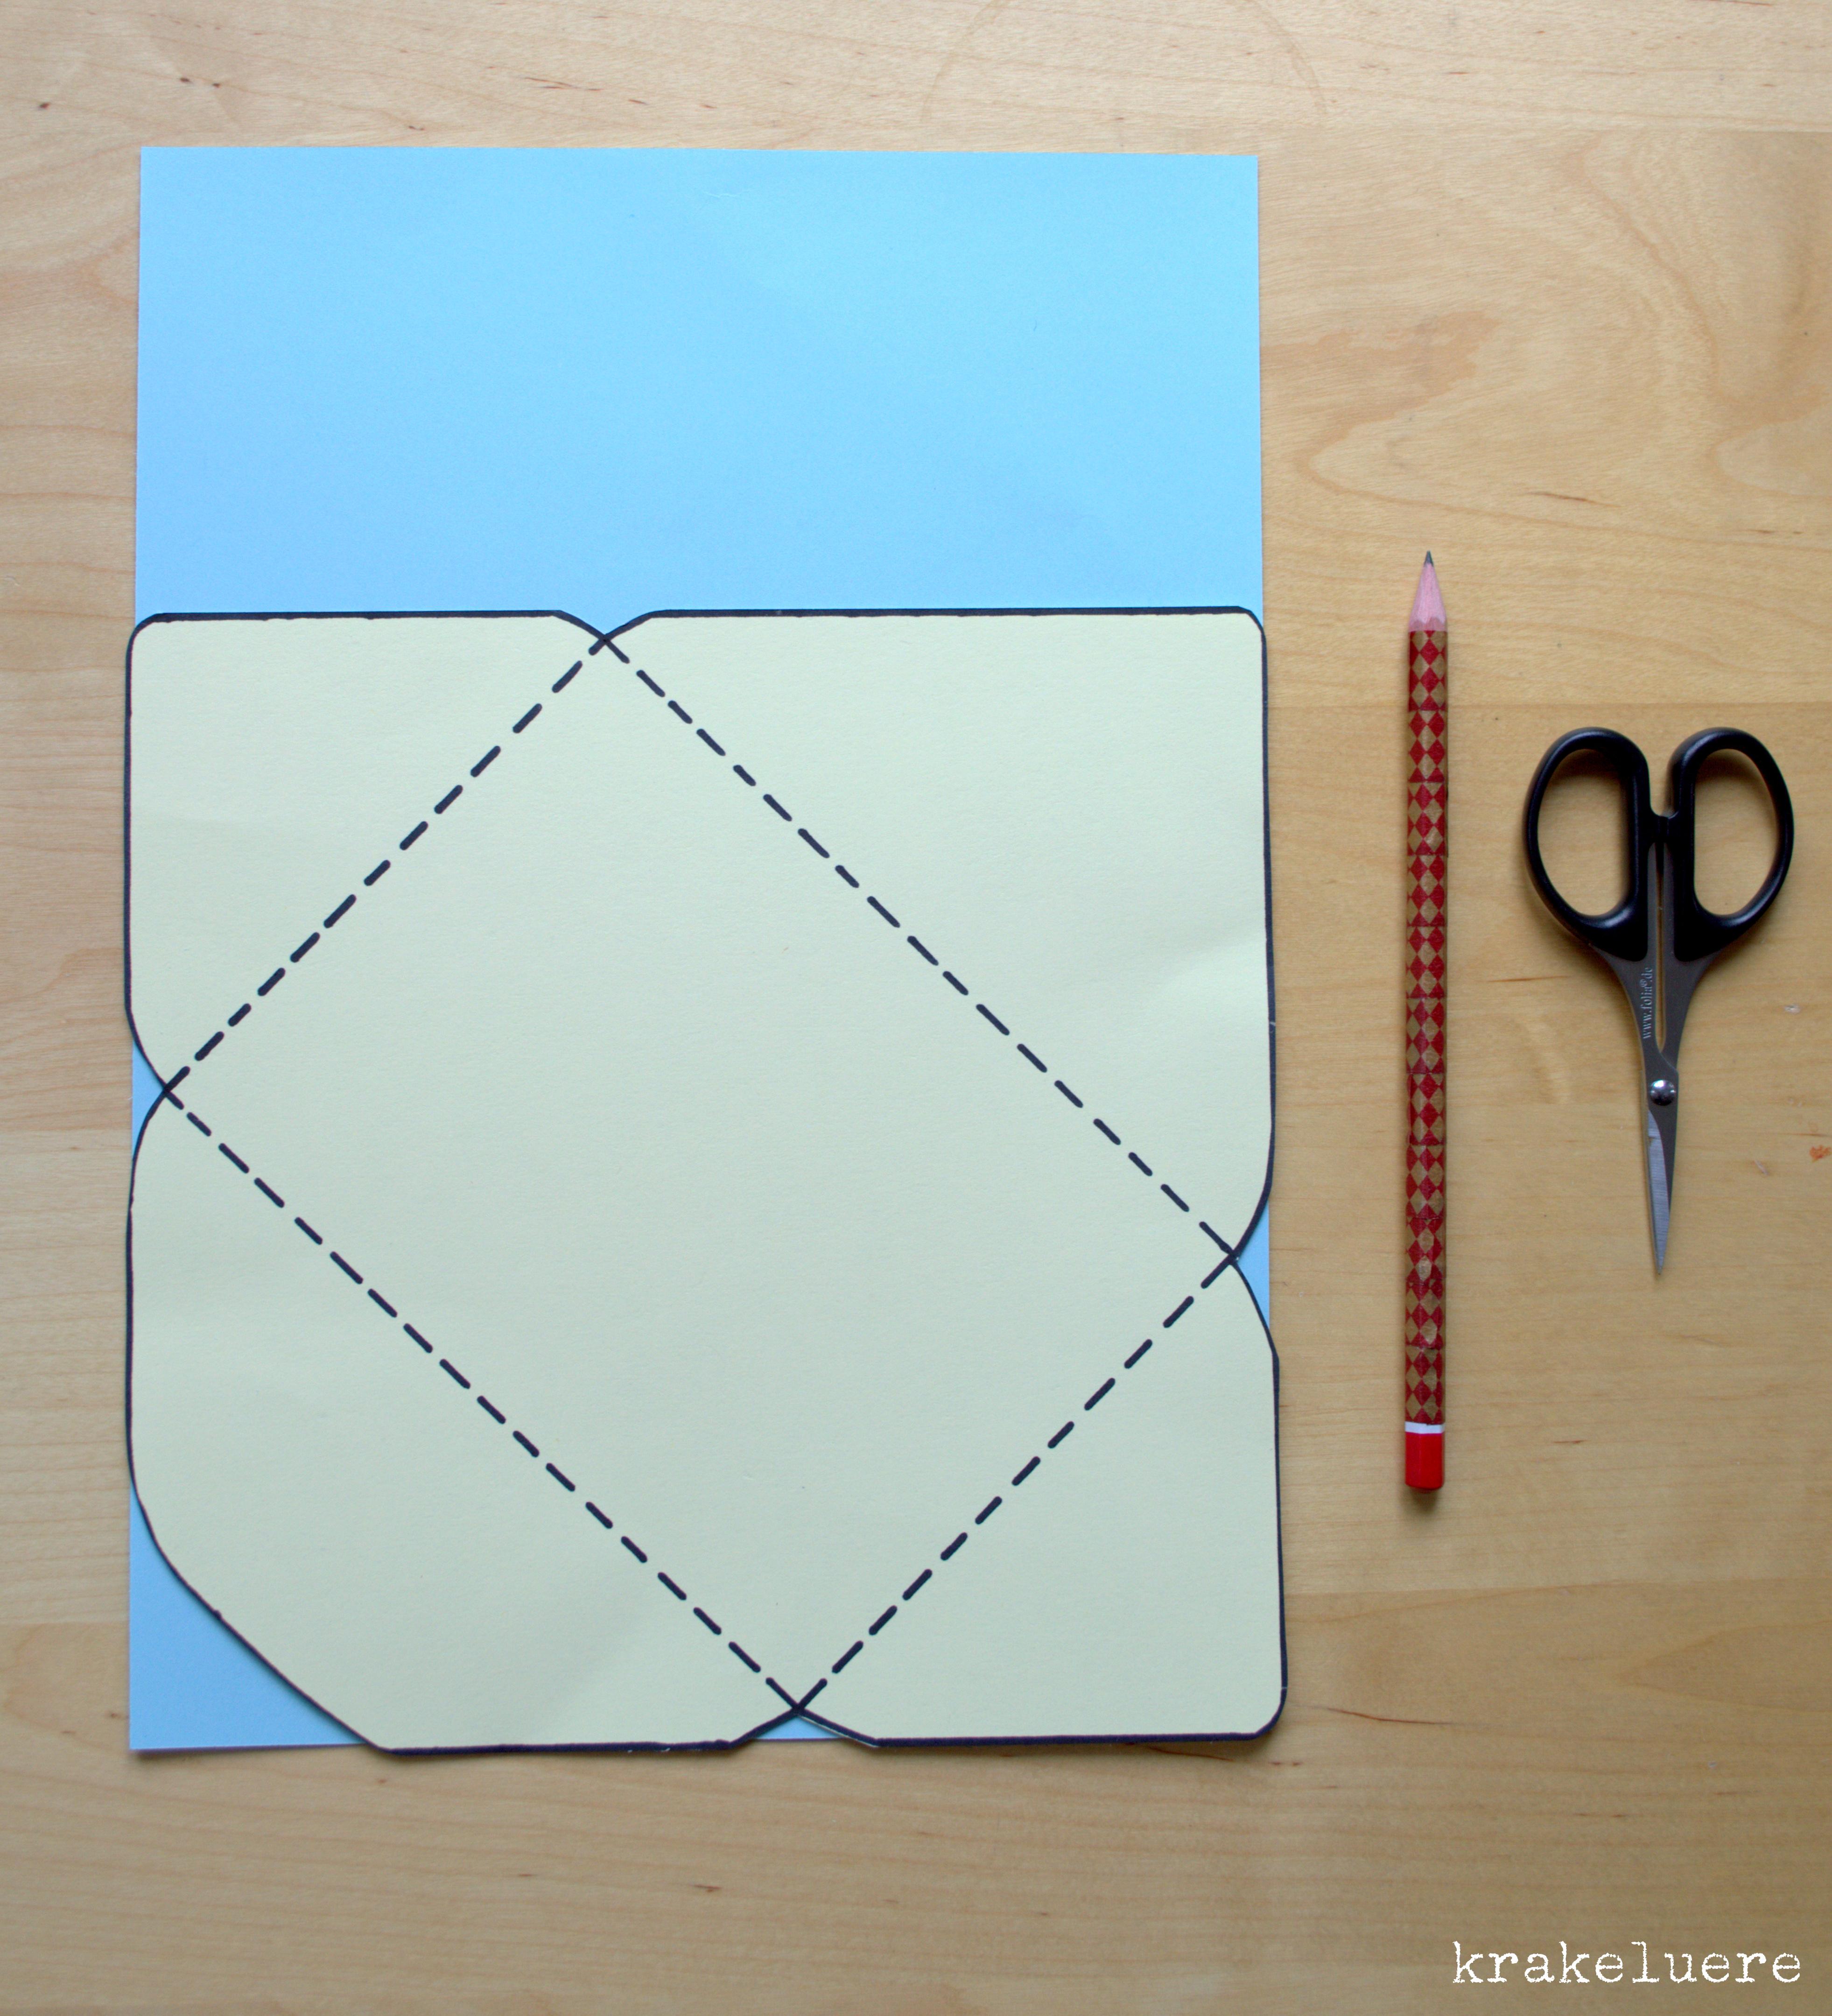 Briefumschläge Falten : Krakeluere briefumschläge basteln